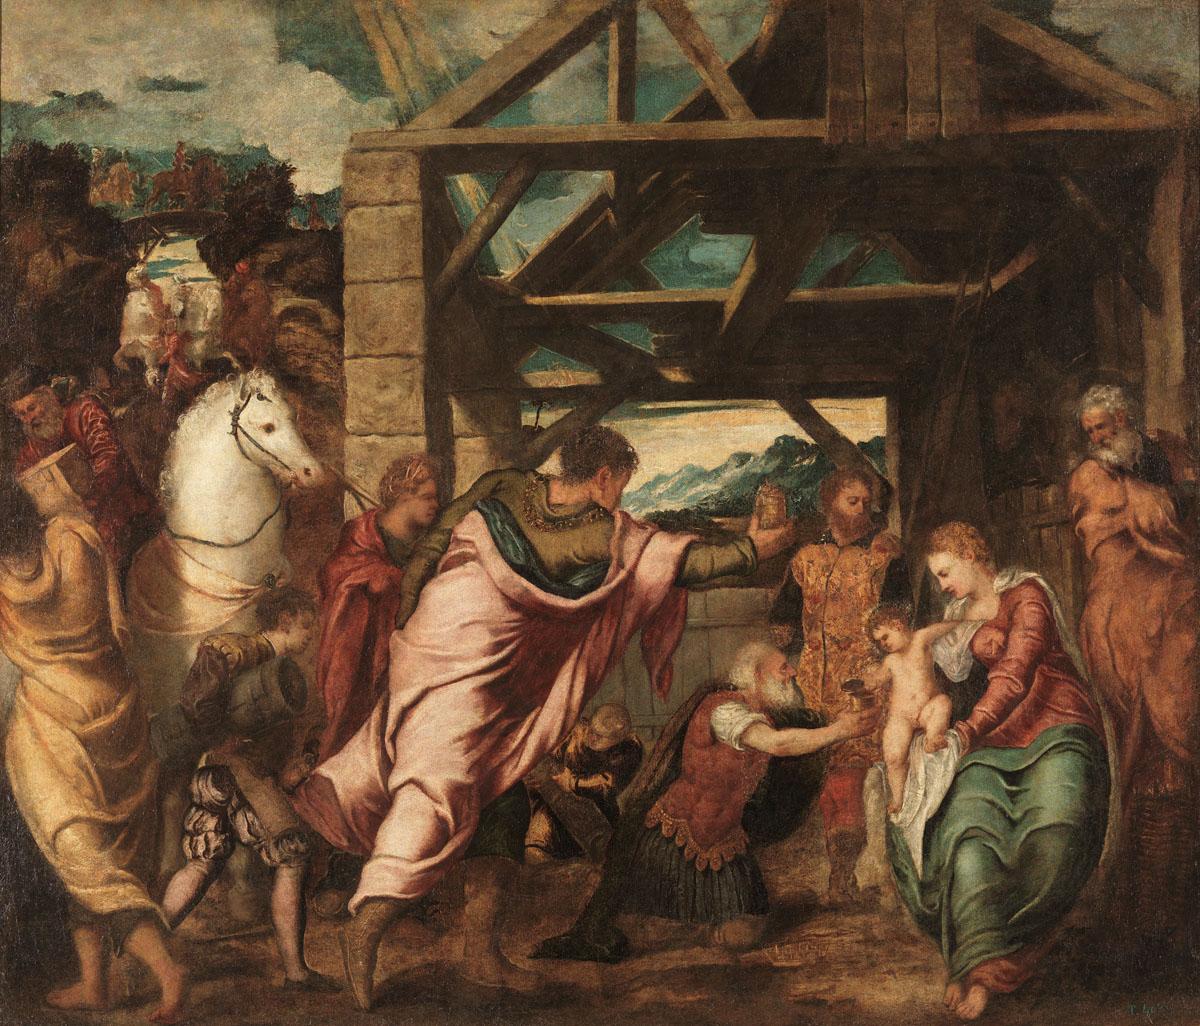 Tintoretto, Adorazione dei magi (1538-1539 circa; olio su tela, 174 x 203 cm; Madrid, Museo Nacional del Prado)